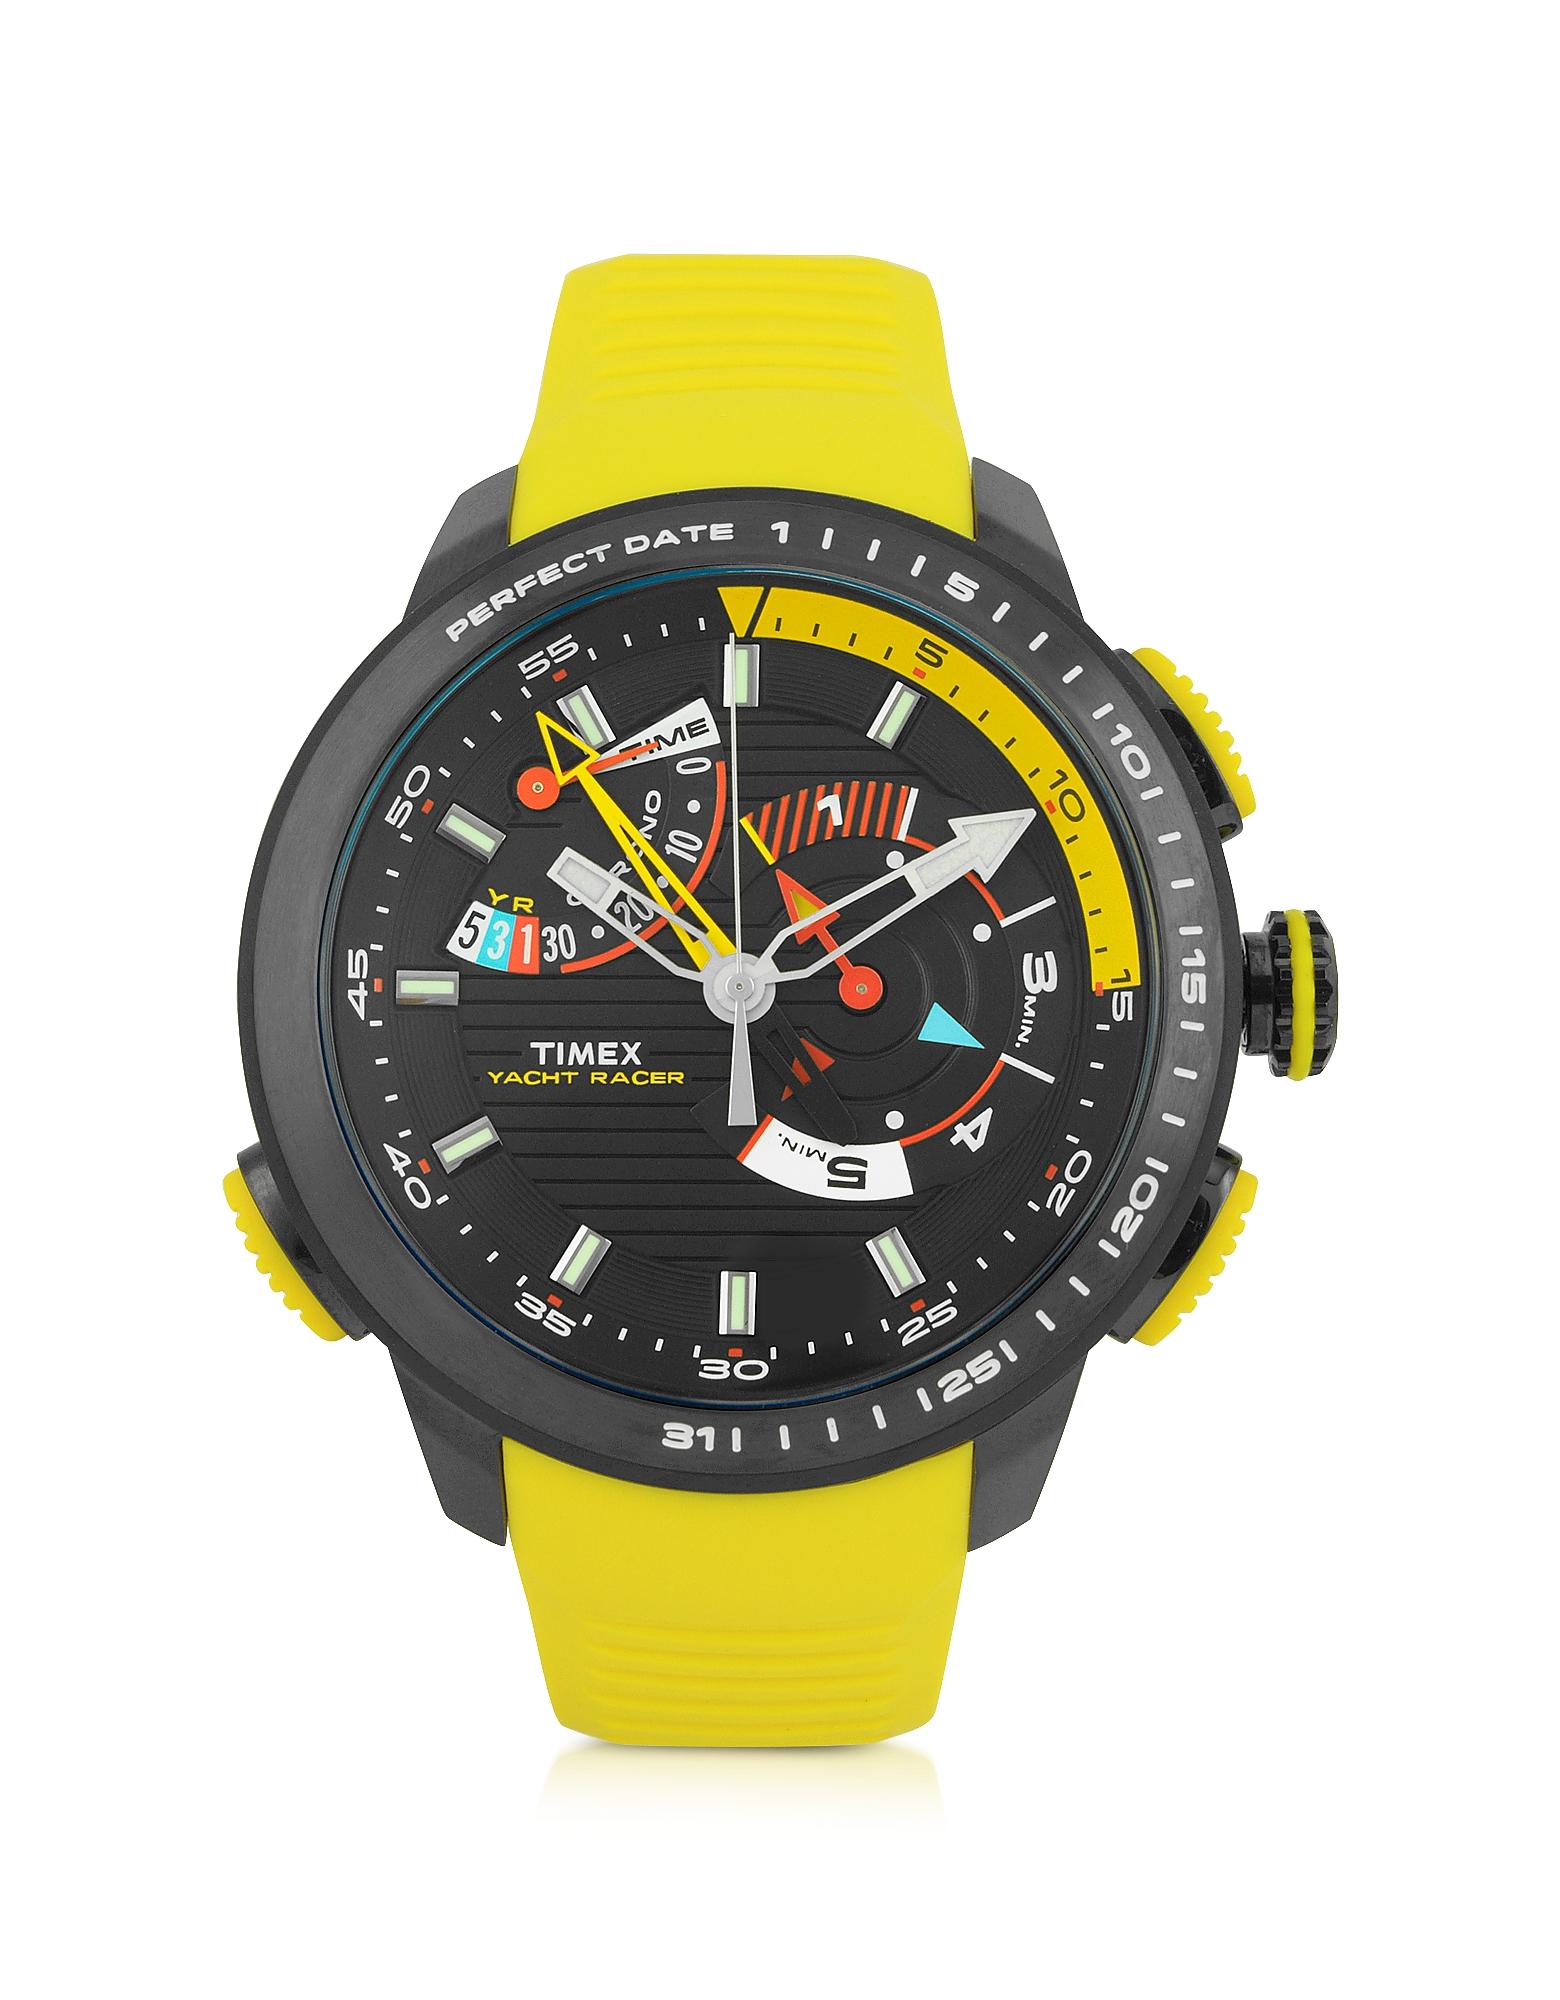 Yacht Racer - Черные Мужские Часы Хронограф с Корпусом из Нержавеющей Стали с Желтым Силиконовым Ремешком